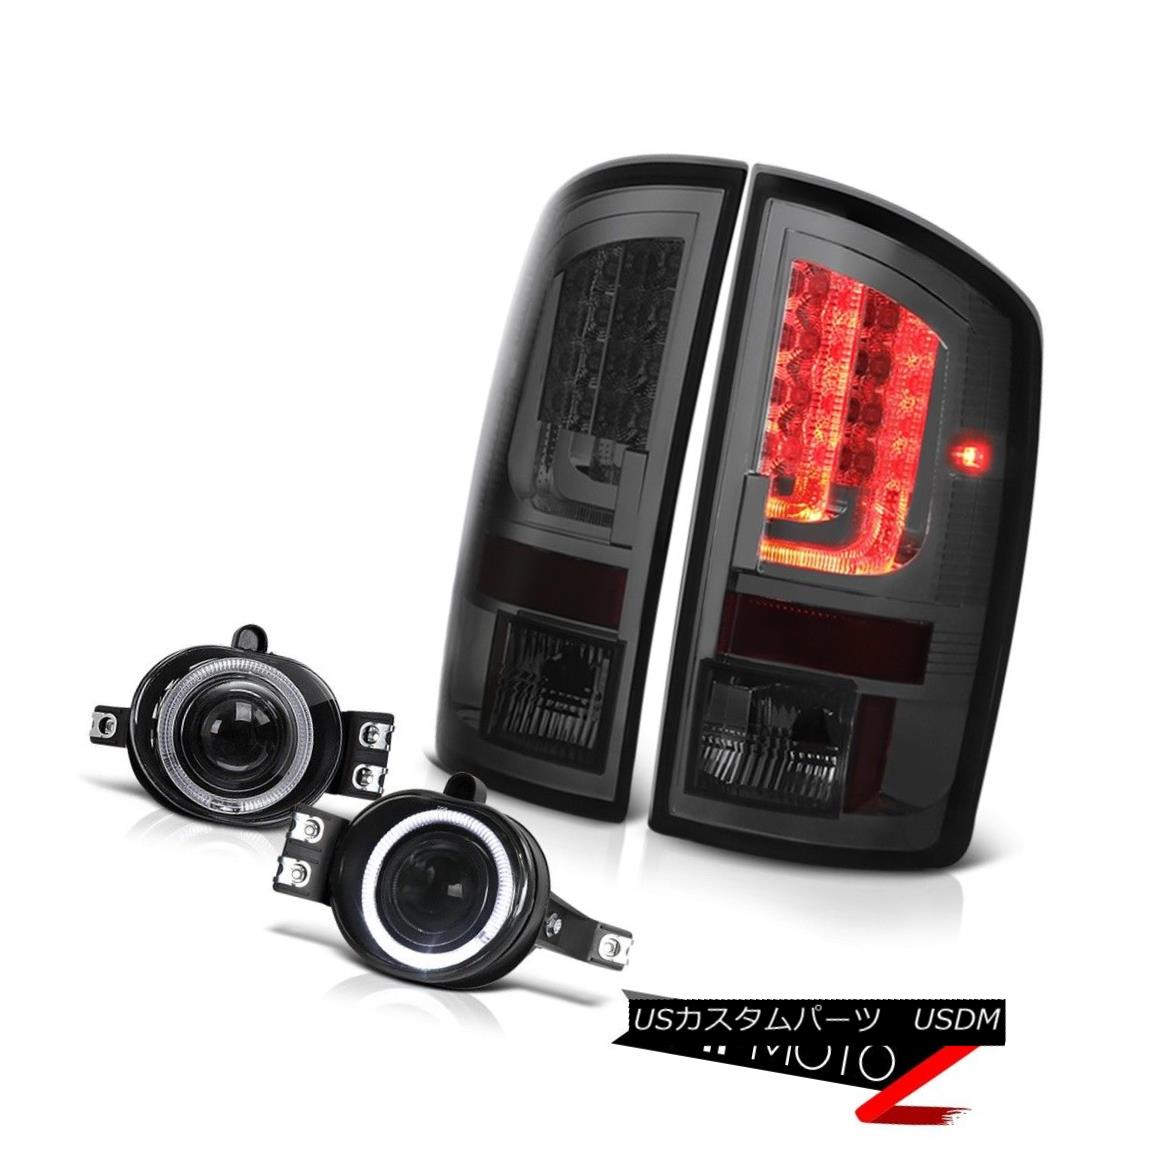 テールライト 02-06 Ram 1500 2500 3500 WS Smoked Tail Lamps Clear Chrome Fog Lights OLED Prism 02-06 Ram 1500 2500 3500 WSスモークテールランプクリアクロームフォグライトOLEDプリズム